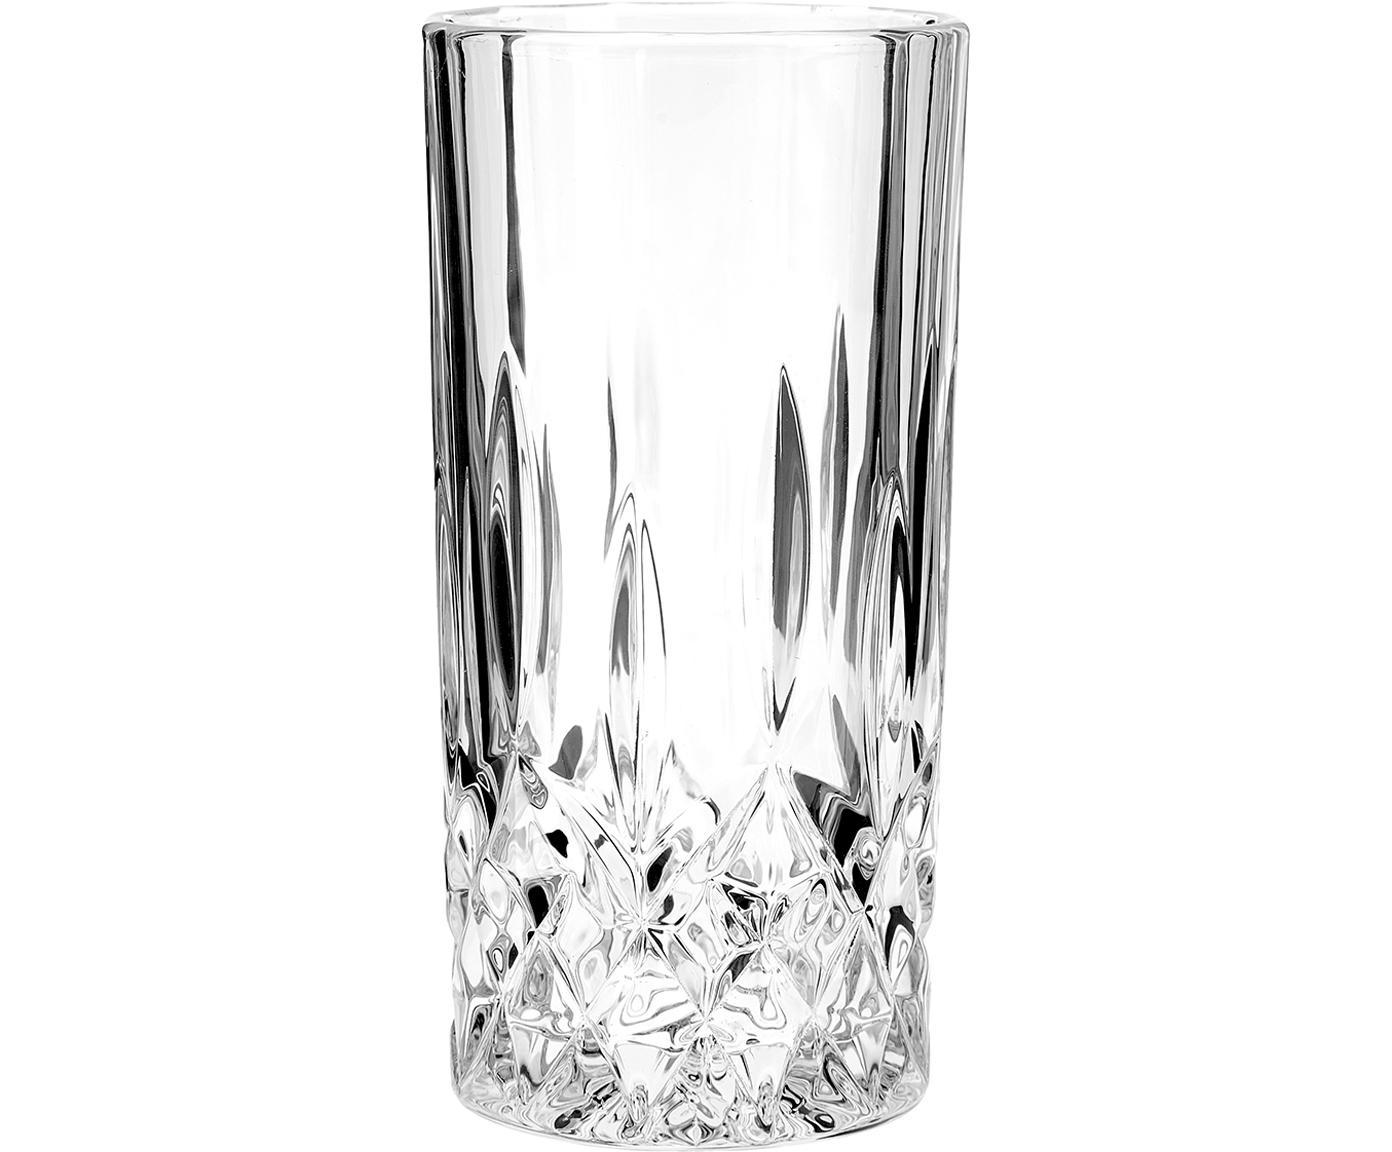 Szklanka do koktajli George, 4 szt., Szkło, Transparentny, Ø 8 x W 15 cm